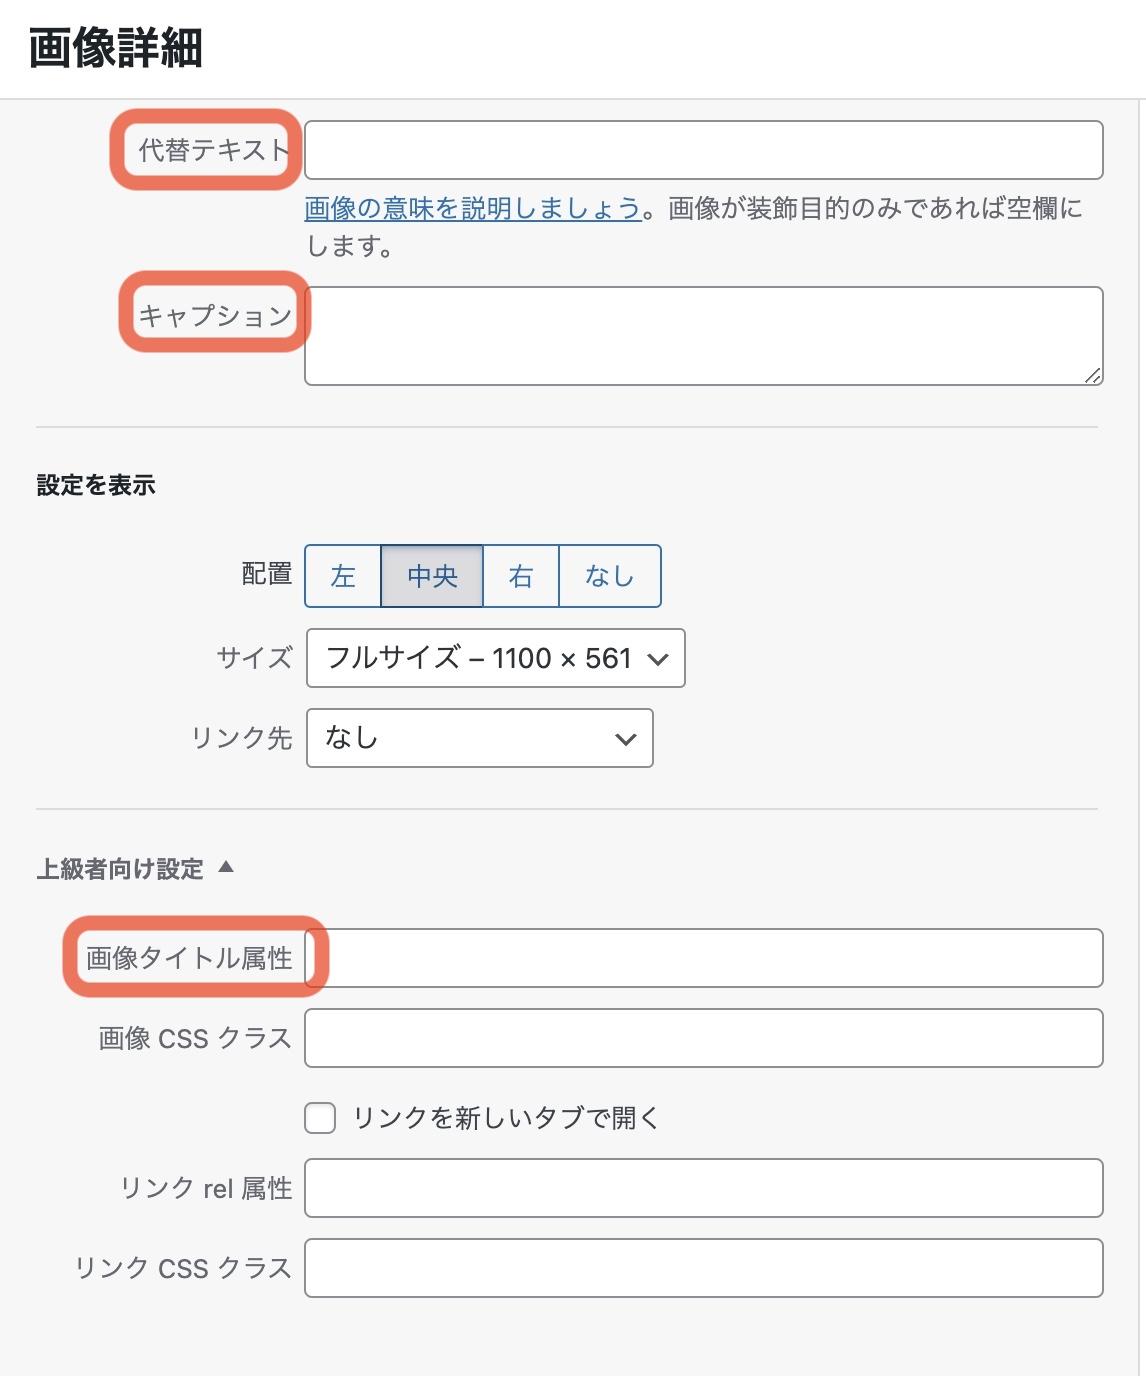 【弱小ブロガーのブログが上位表示された方法】「h2」と「h3」をルール化したら収益化できた例!